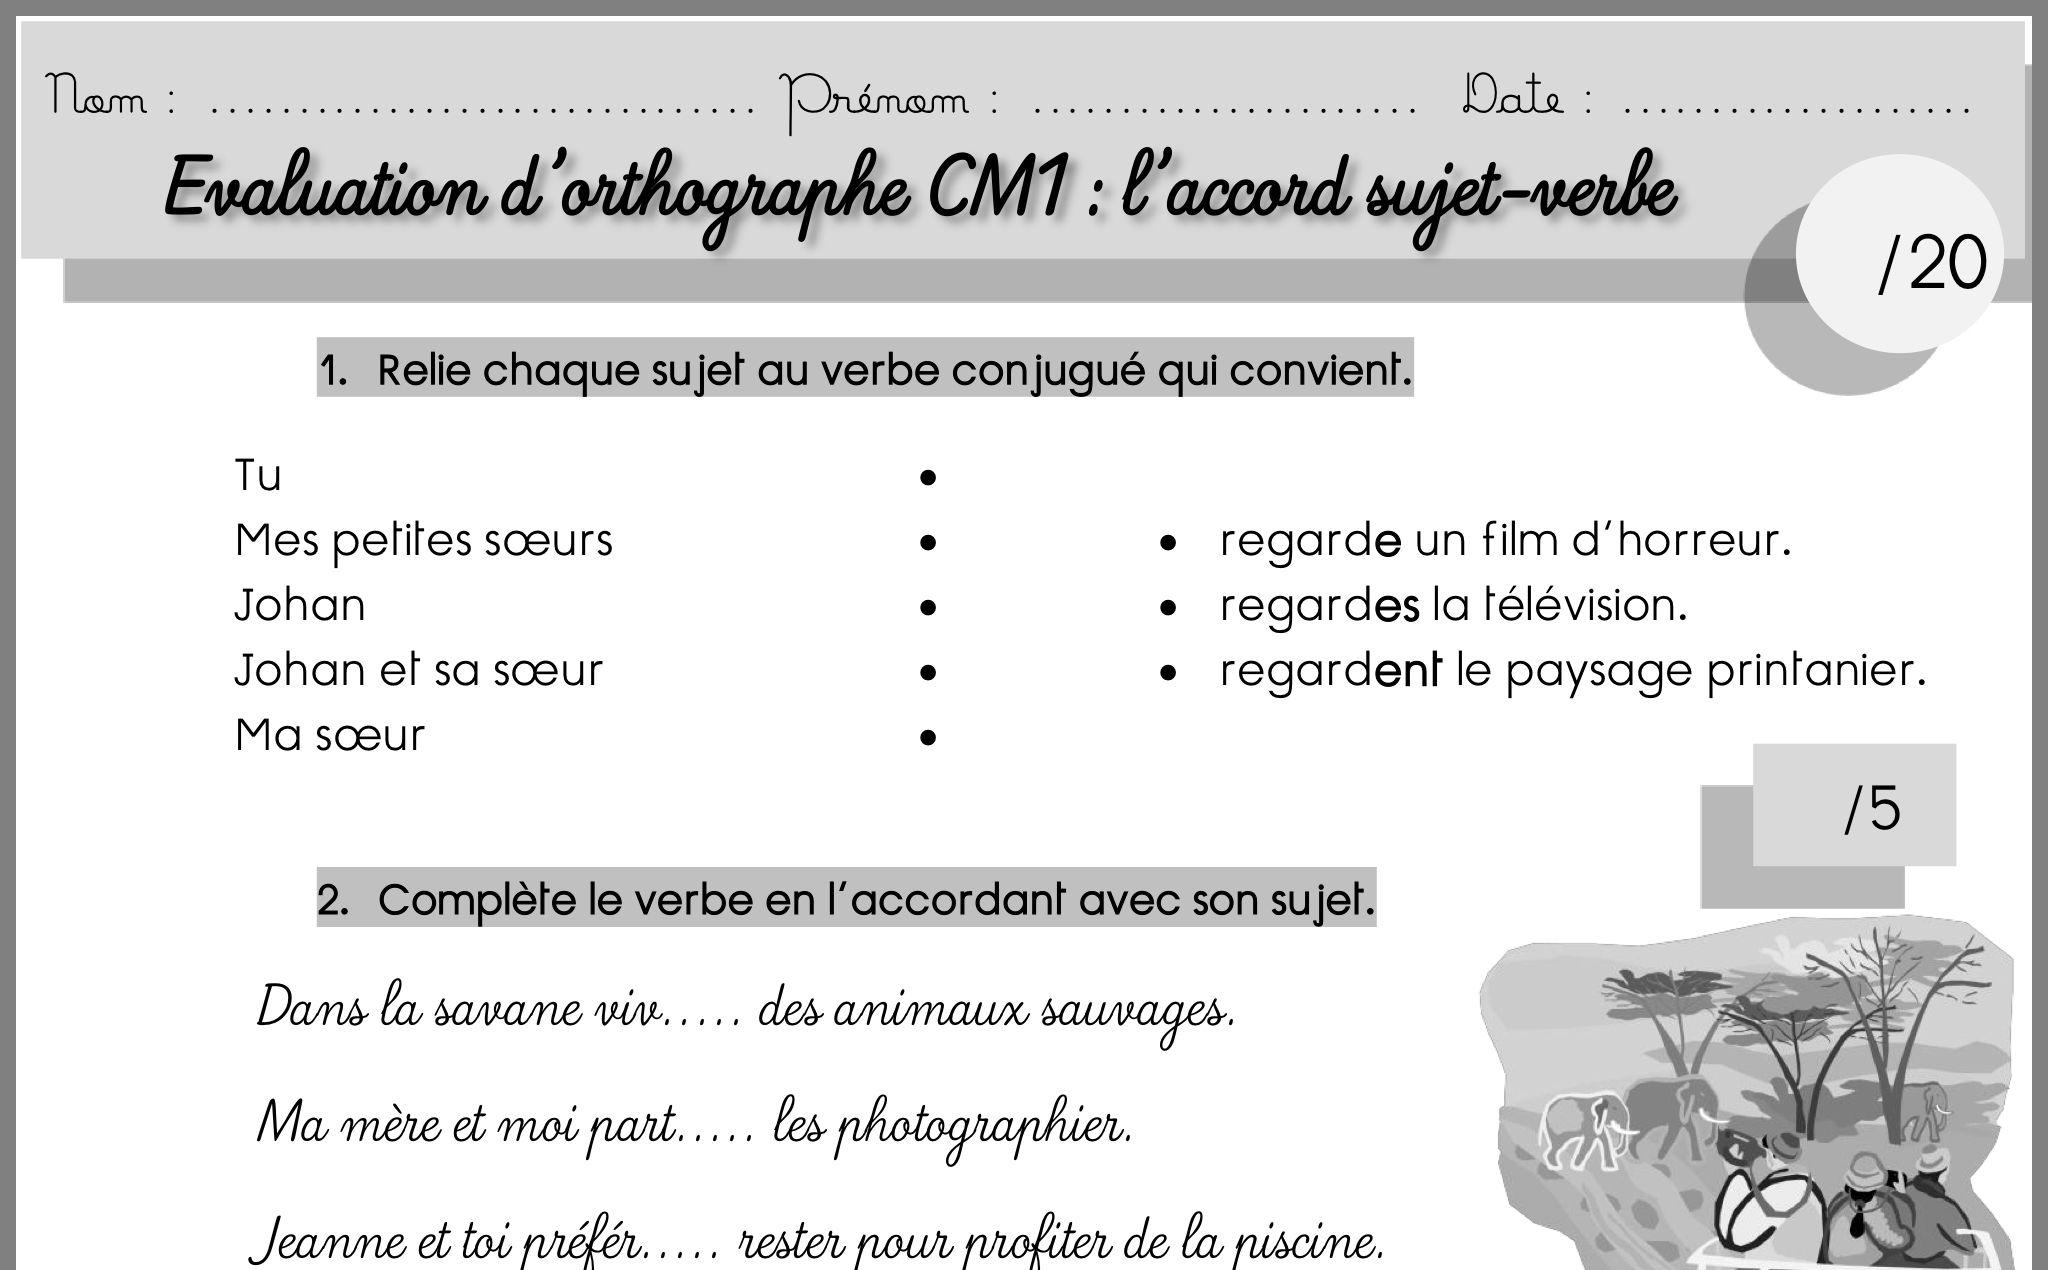 Epingle Par Malika Moguerou Sur Education Orthographe Cm1 Cm1 Verbe Conjugue